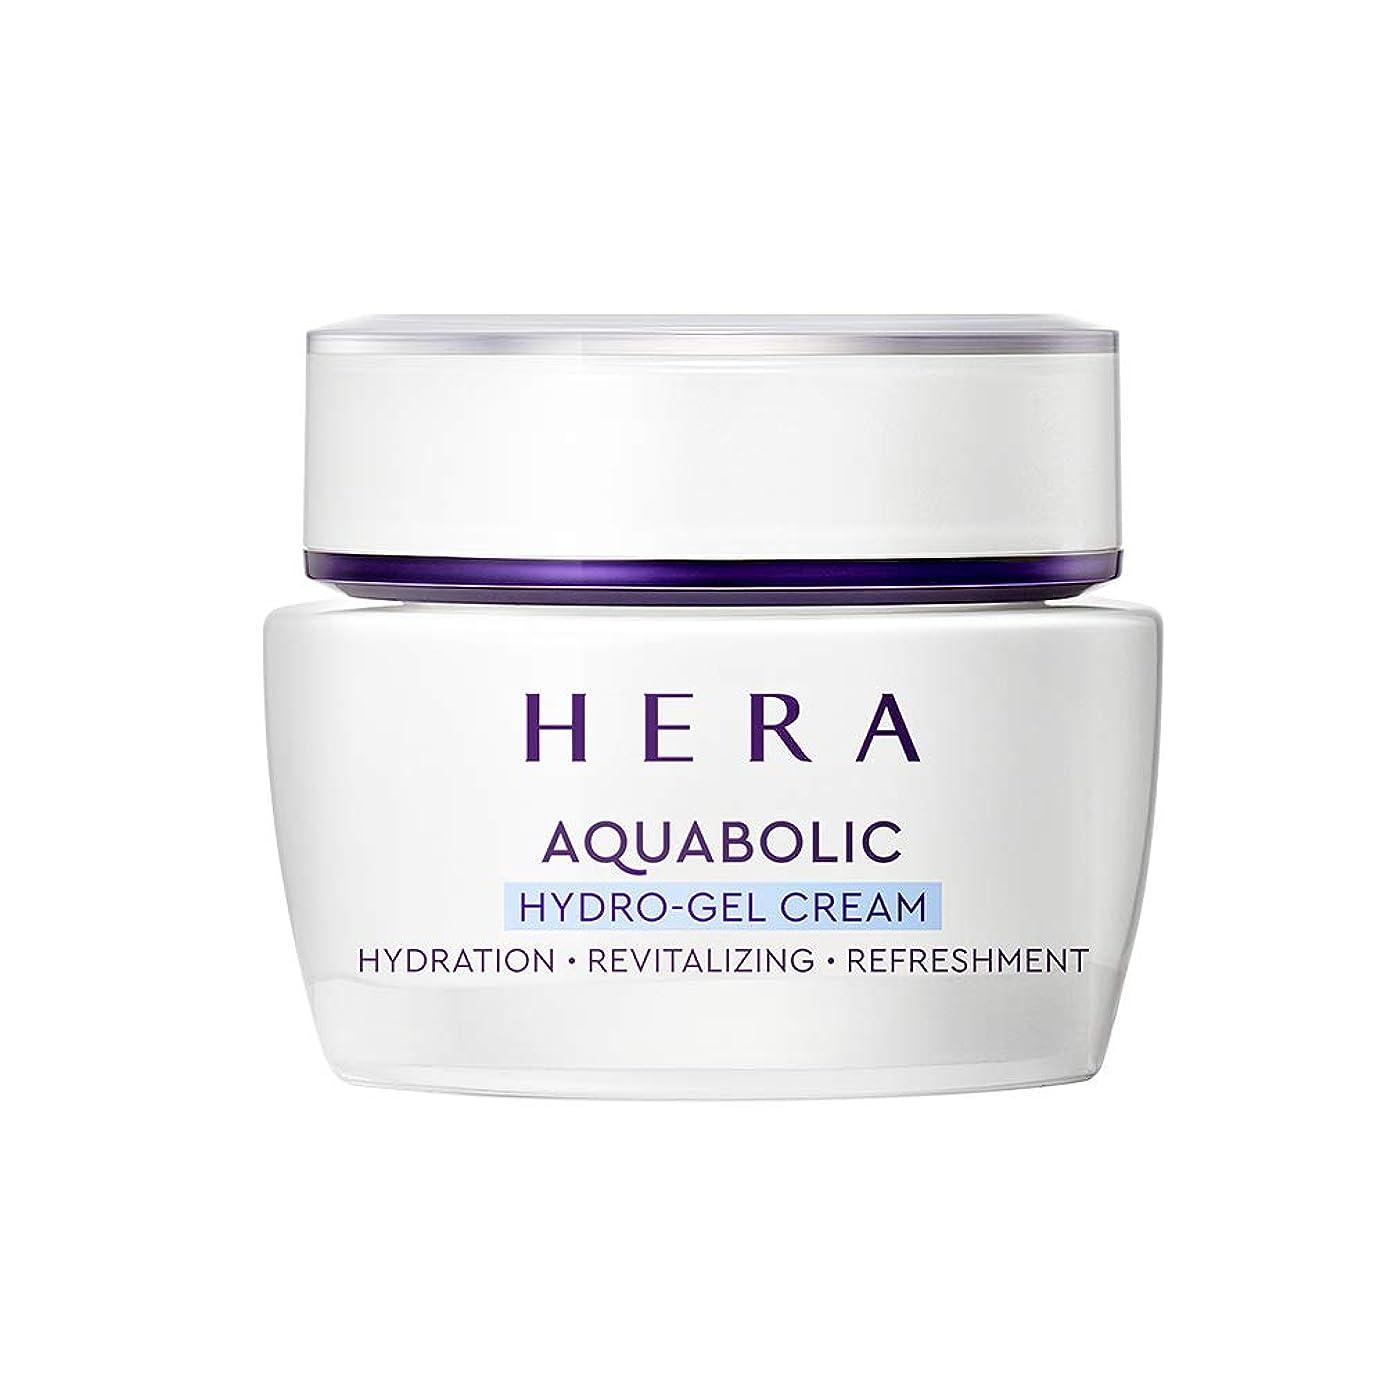 区画メルボルン周囲【HERA公式】ヘラ アクアボリック ハイドロ-ジェル クリーム 50mL/HERA Aquabolic Hydro-gel Cream 50mL